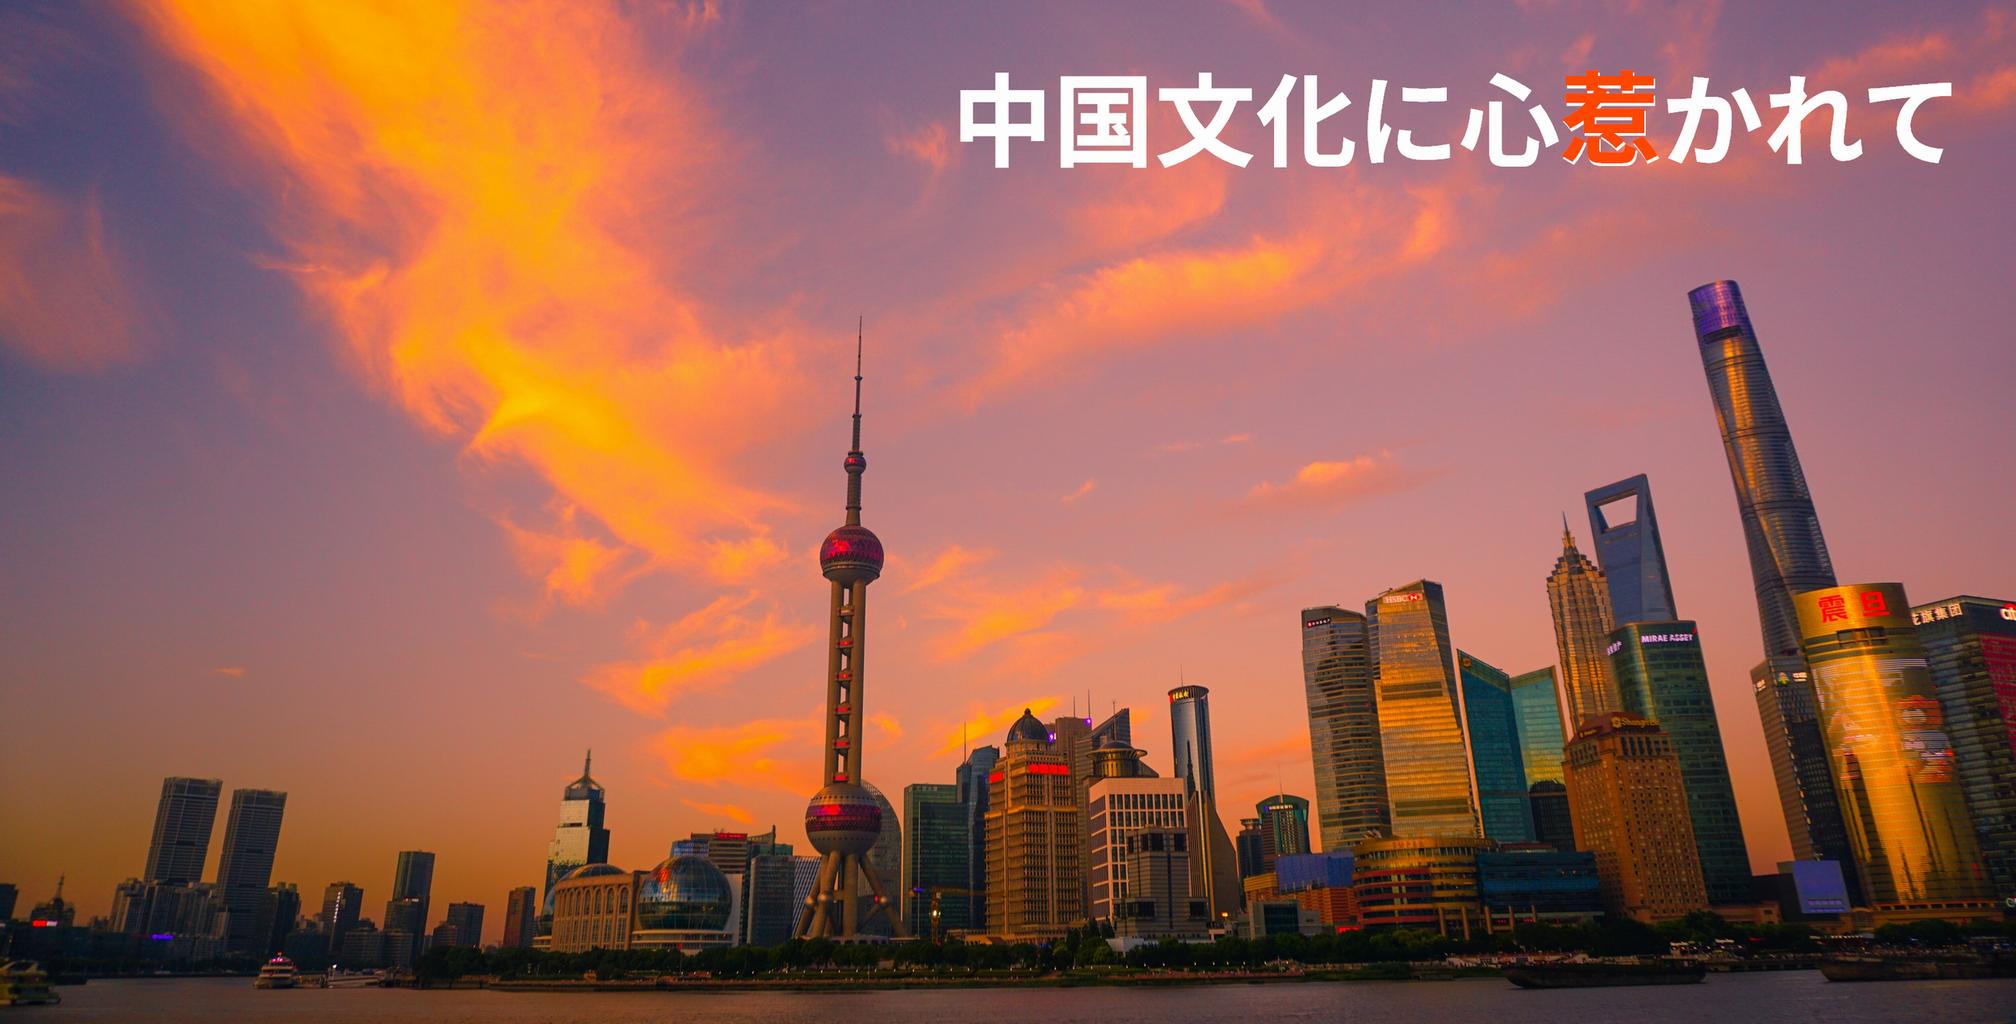 中国文化に心惹かれて イメージ画像